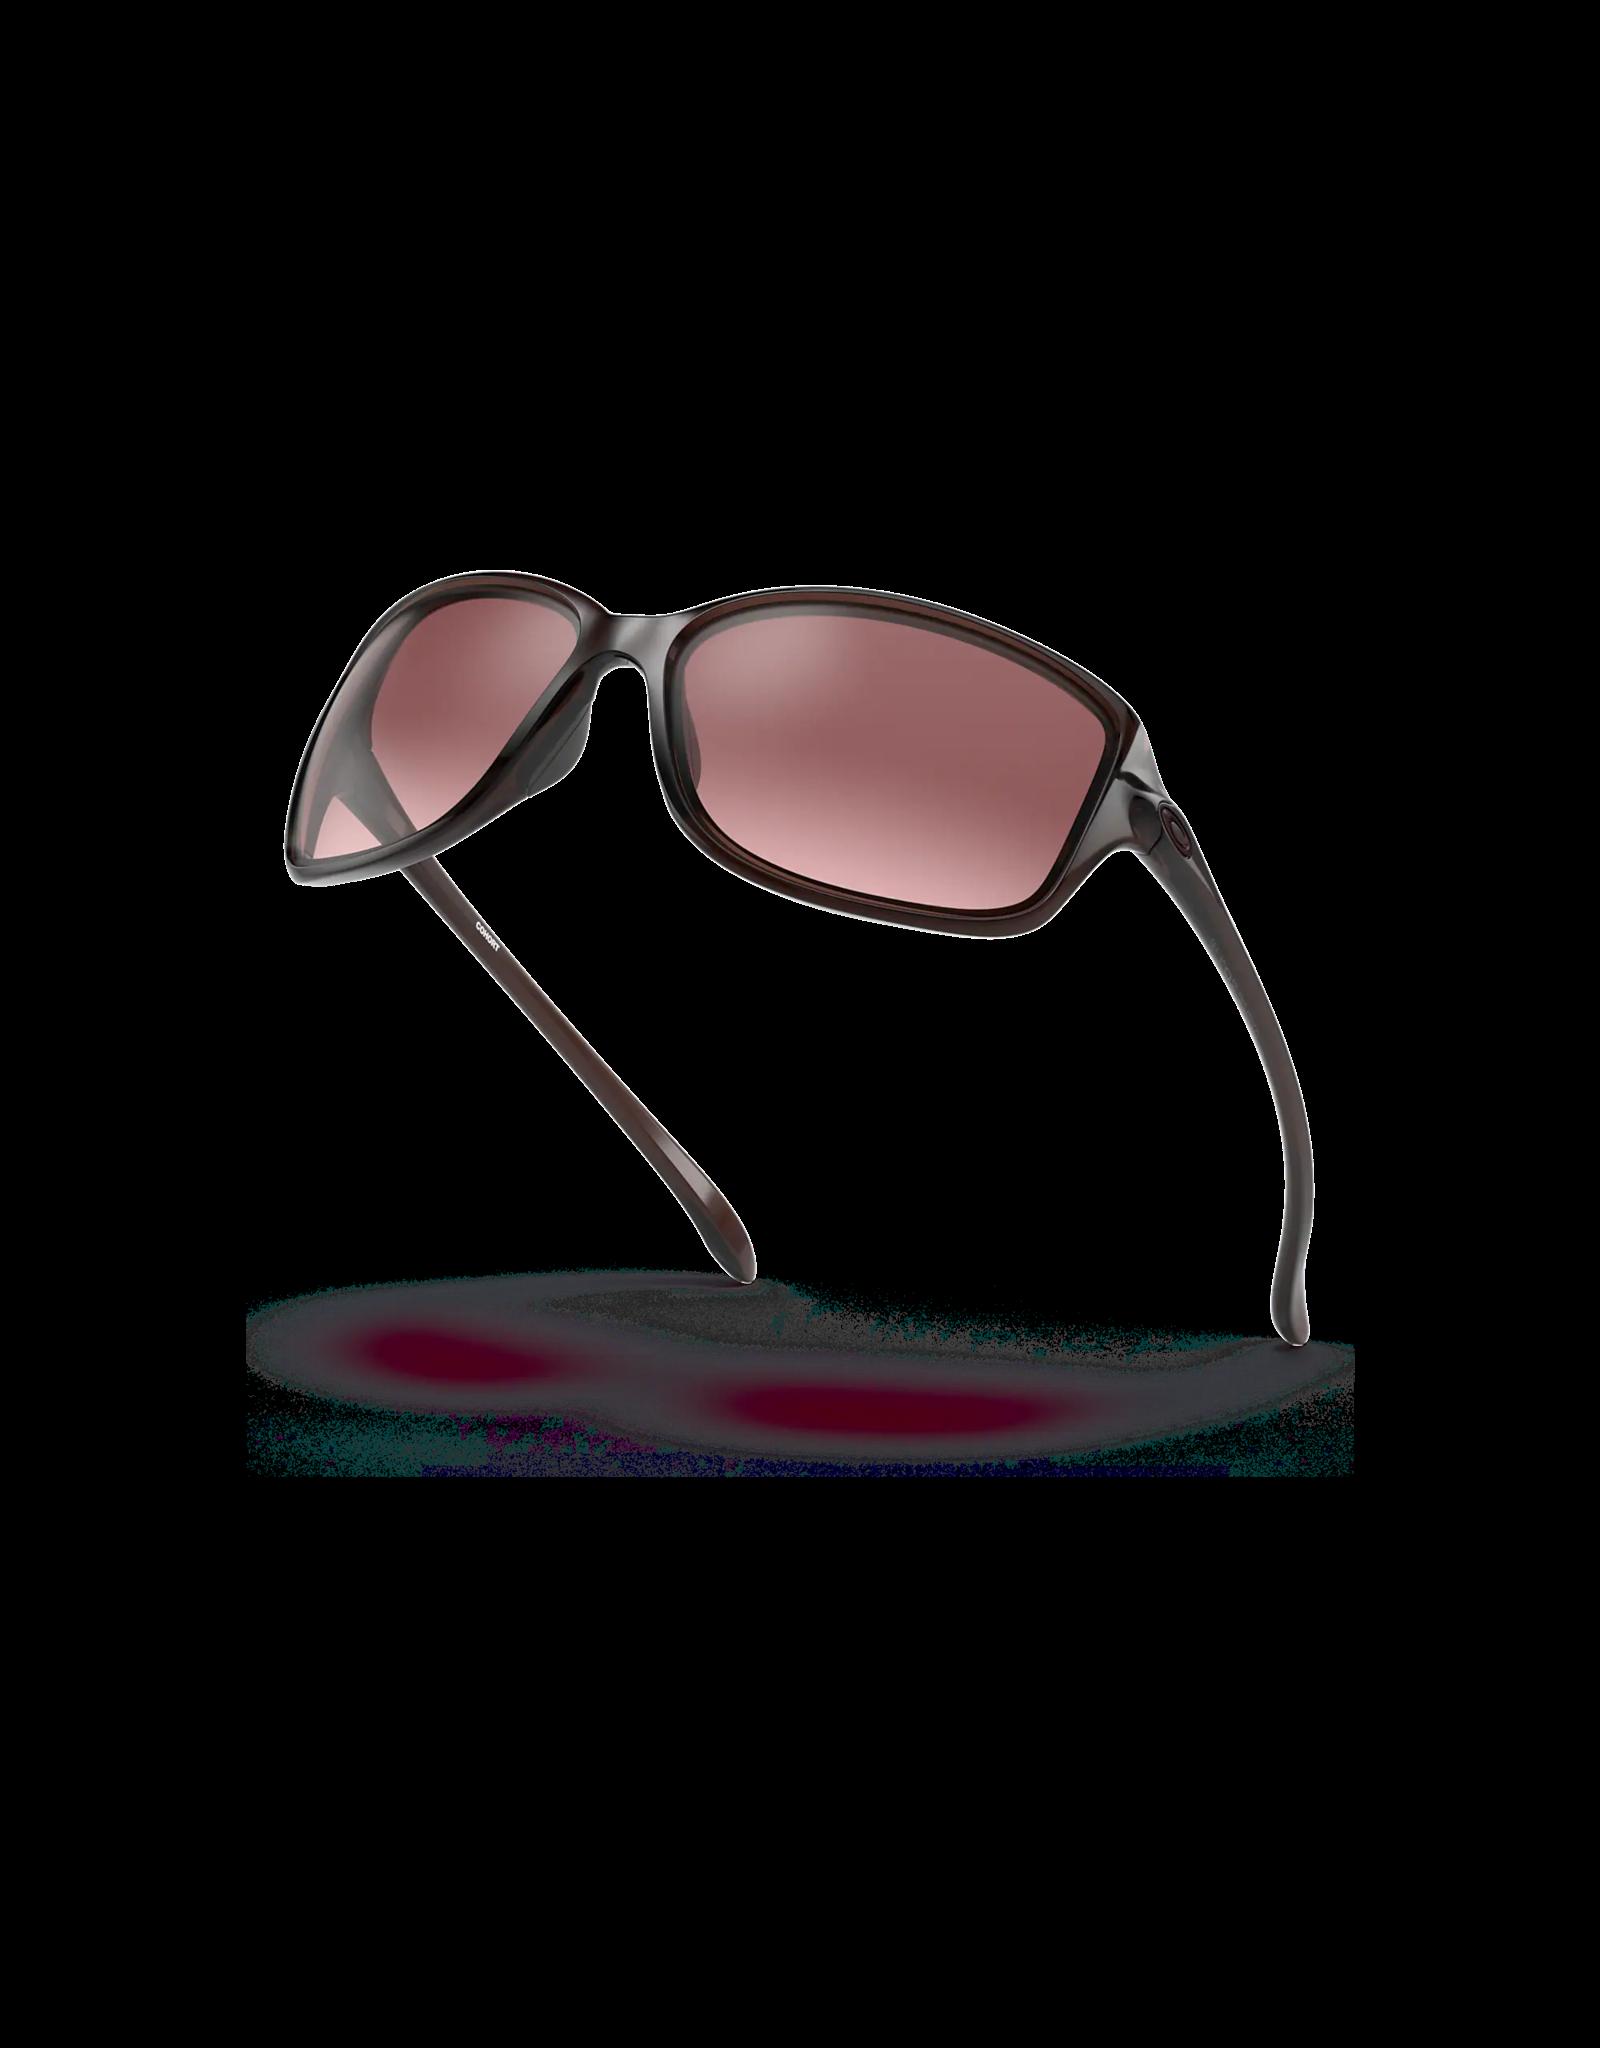 OAKLEY Oakley Cohort lunette amethyst  G40 noir gradient